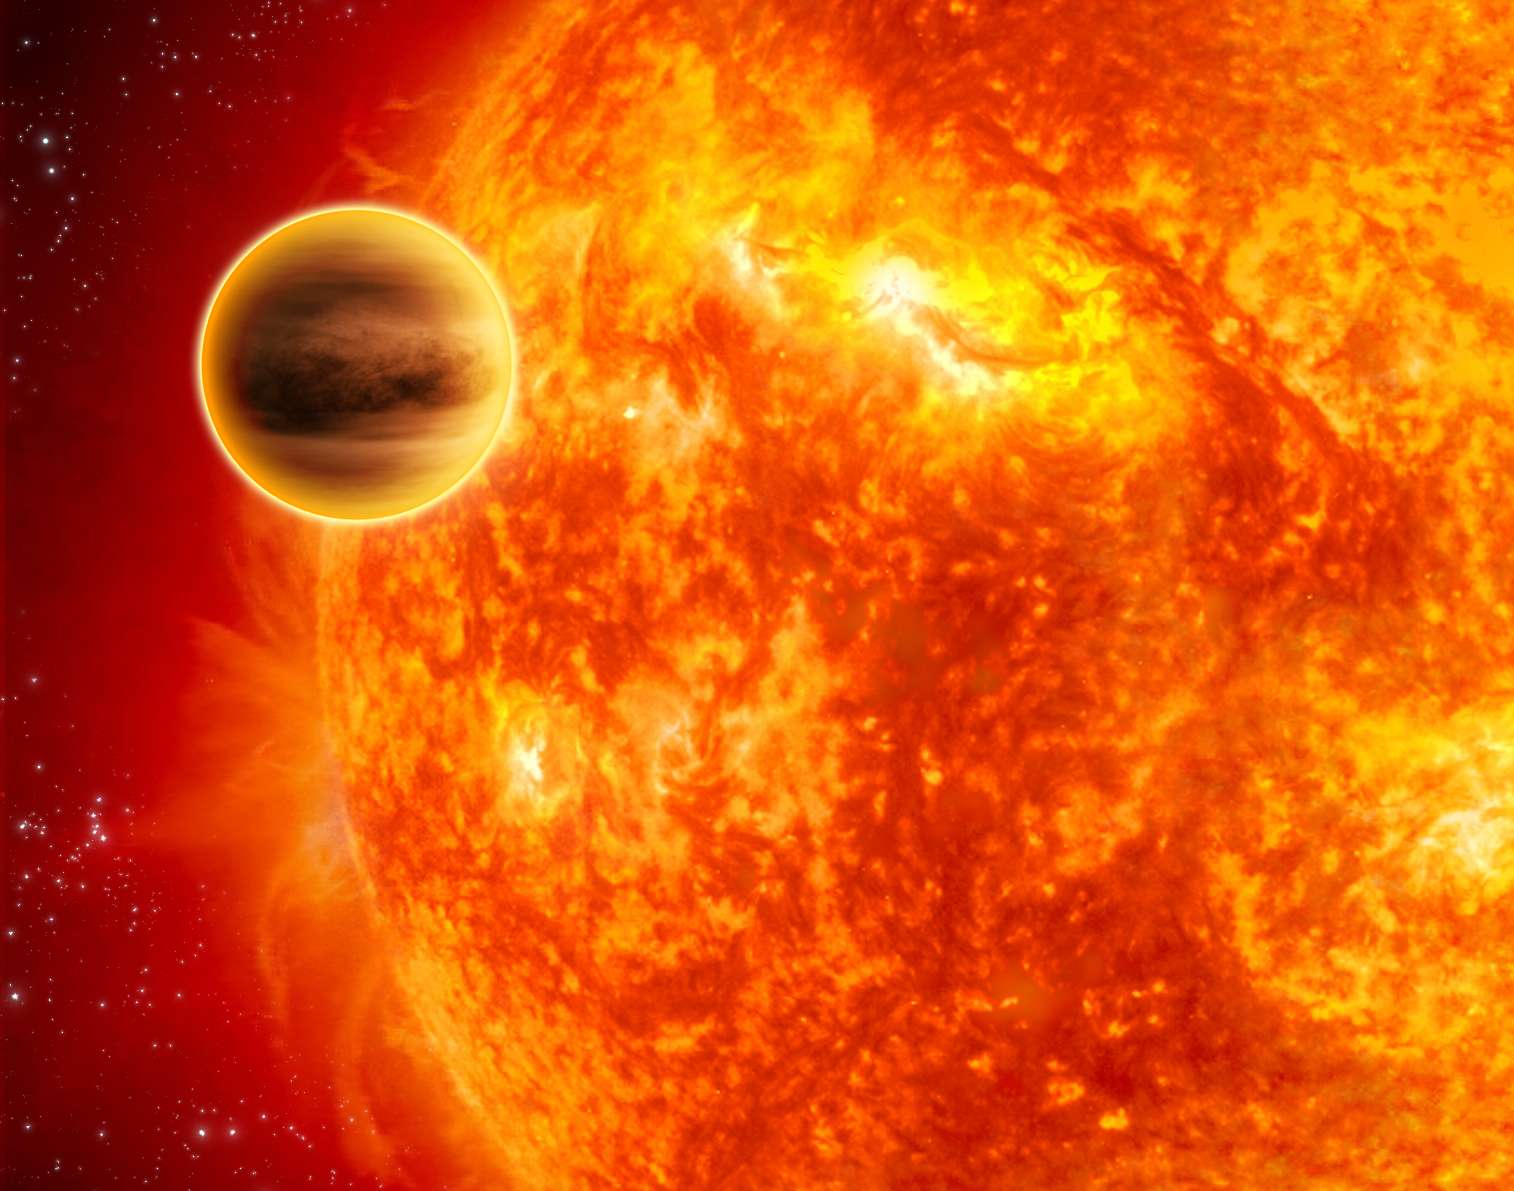 Une vue d'artiste représentant Wasp-12b autour de son soleil. Sa forme est en réalité celle d'un ballon de rugby. Crédit : Esa/C. Carreau